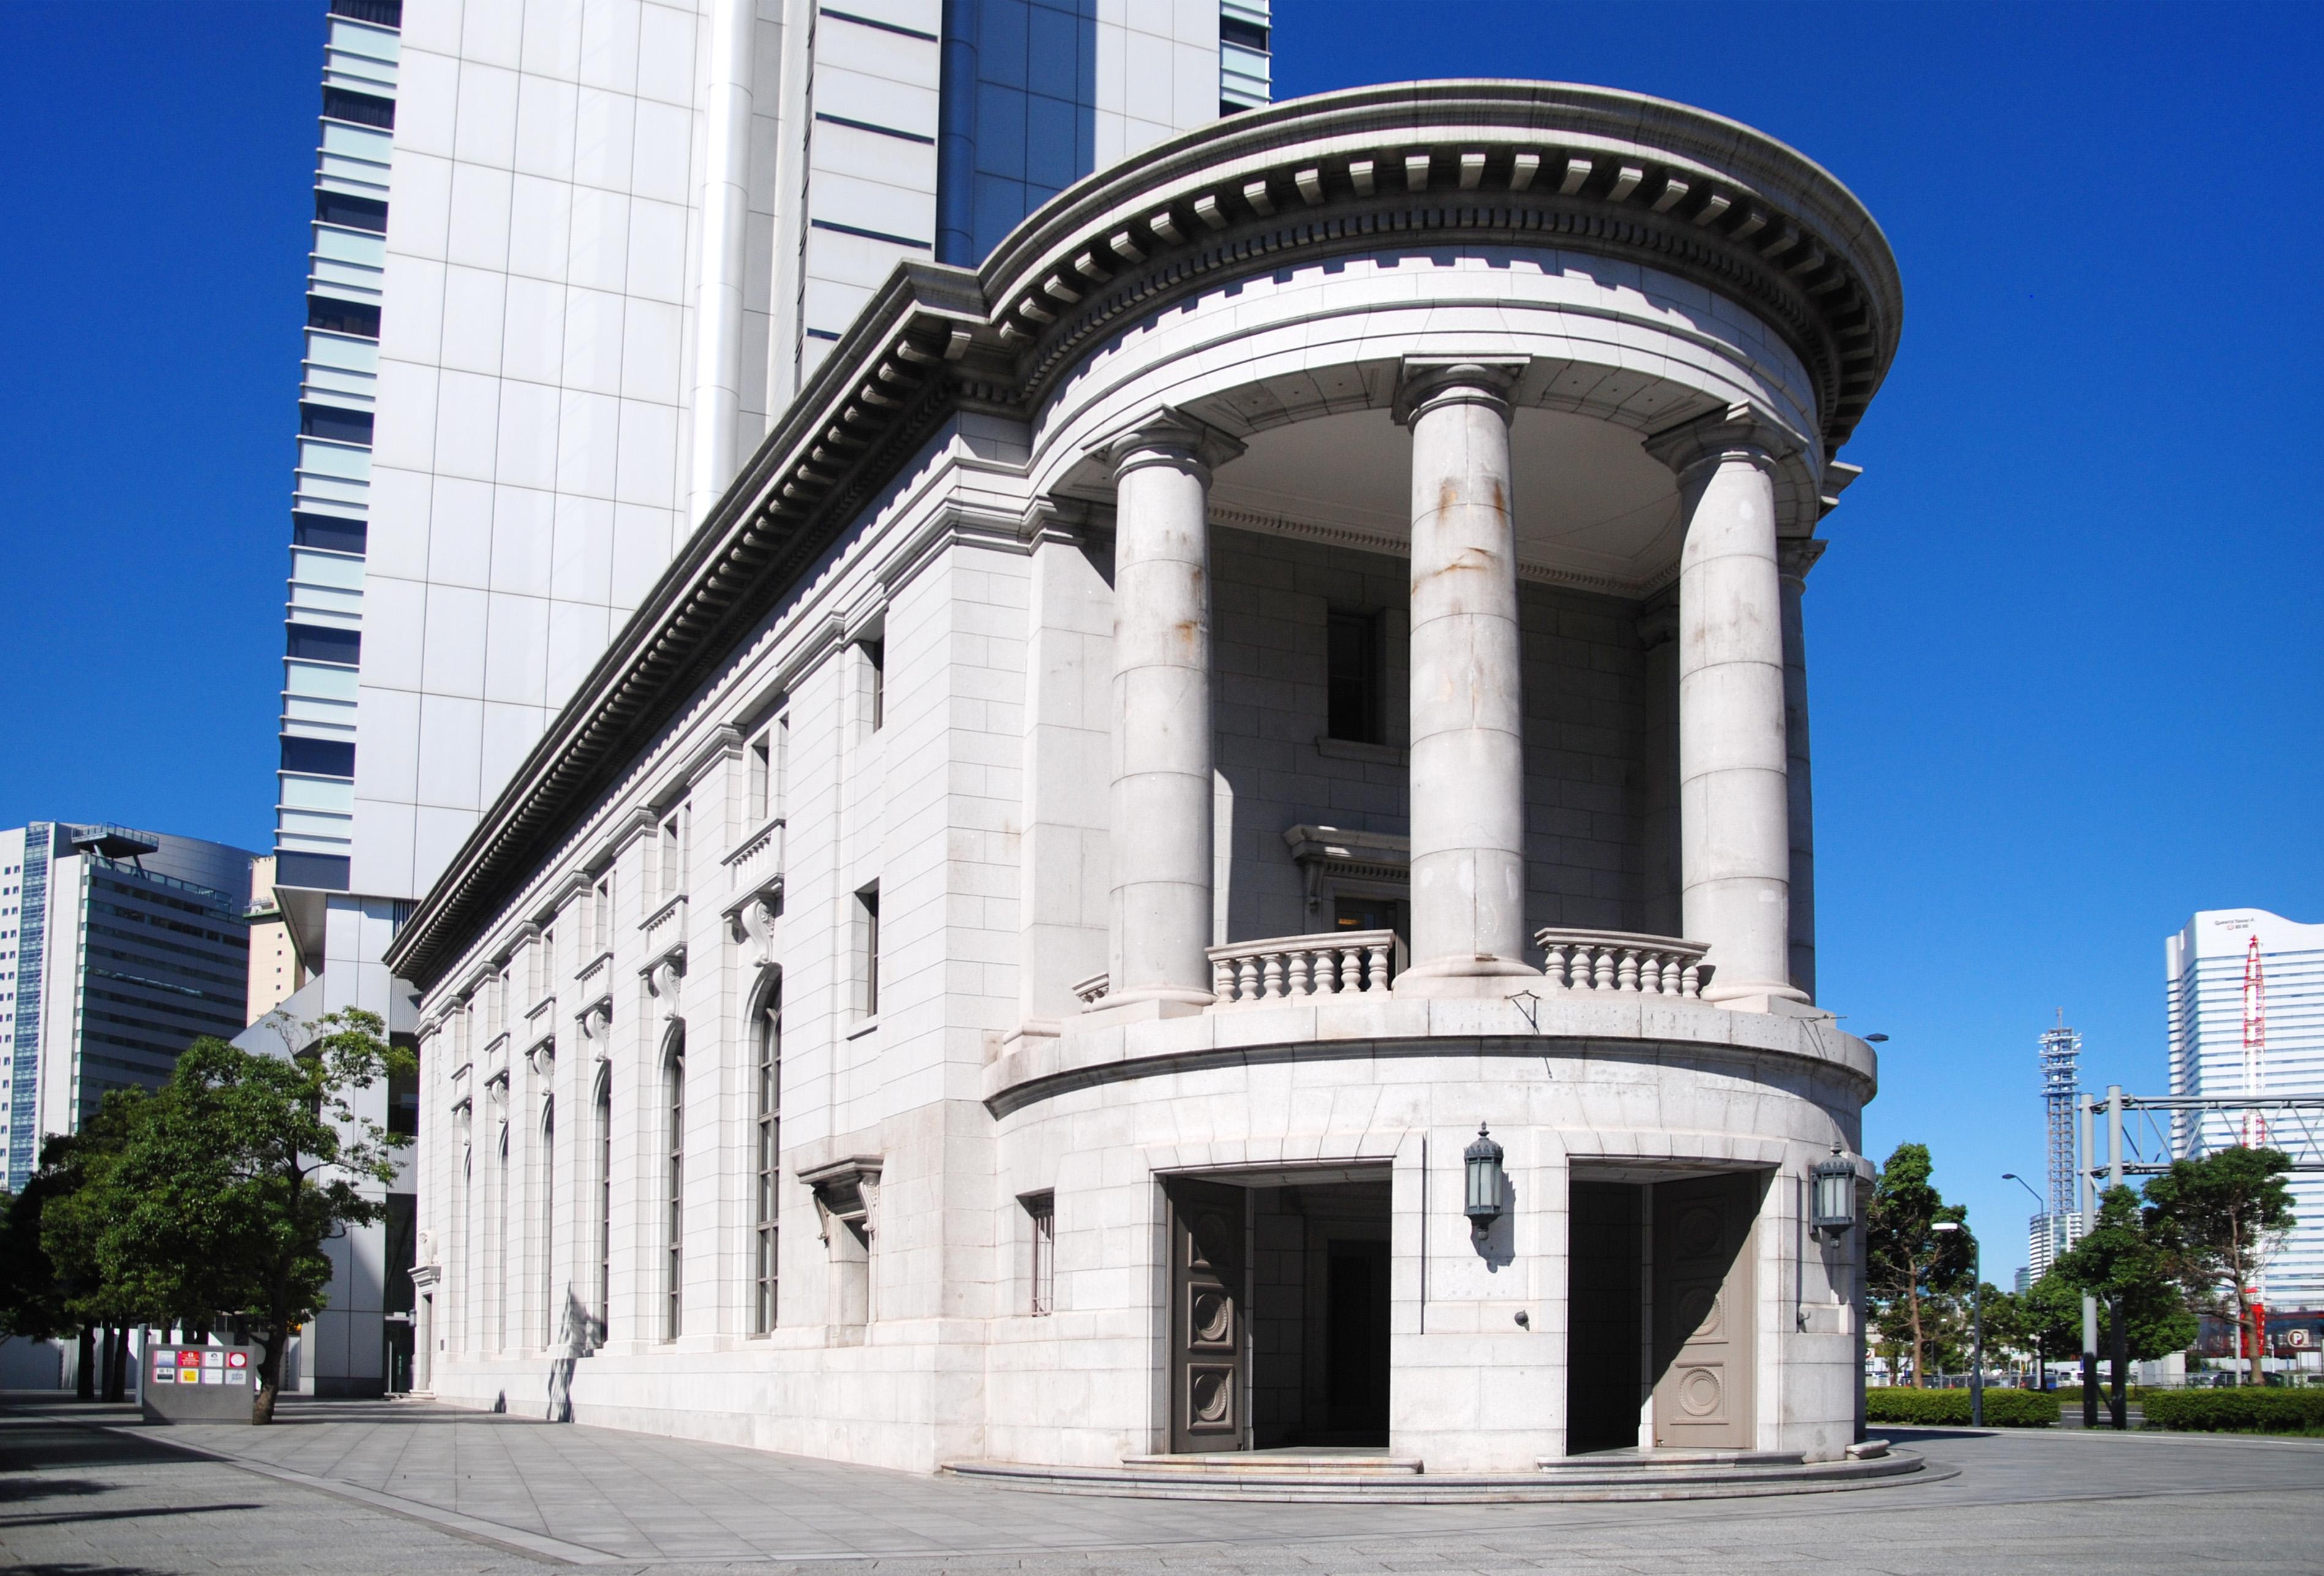 「神奈川県横浜市中区本町6丁目:旧第一銀行横浜支店」の画像検索結果